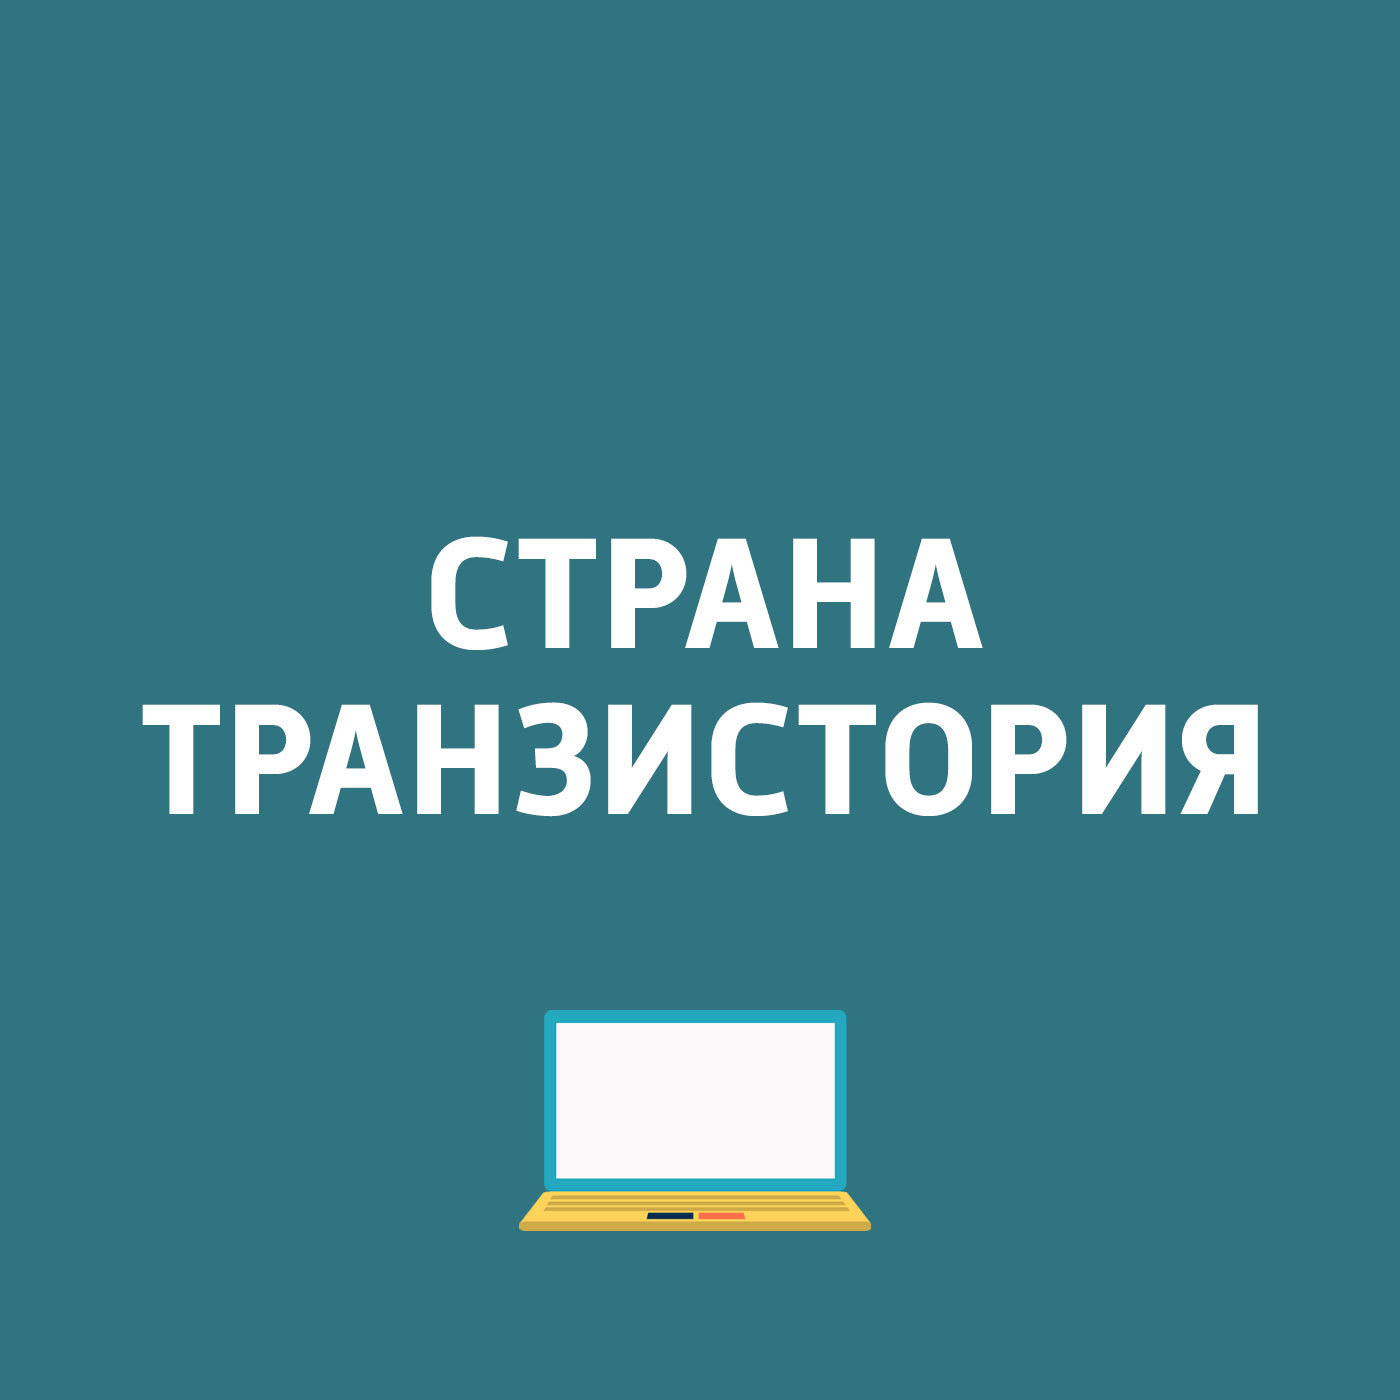 Картаев Павел HMD получила контроль над брендом Nokia, смартфоны дебютируют в 2017 году картаев павел aliexpress меняет правила доставки товаров обзор игр